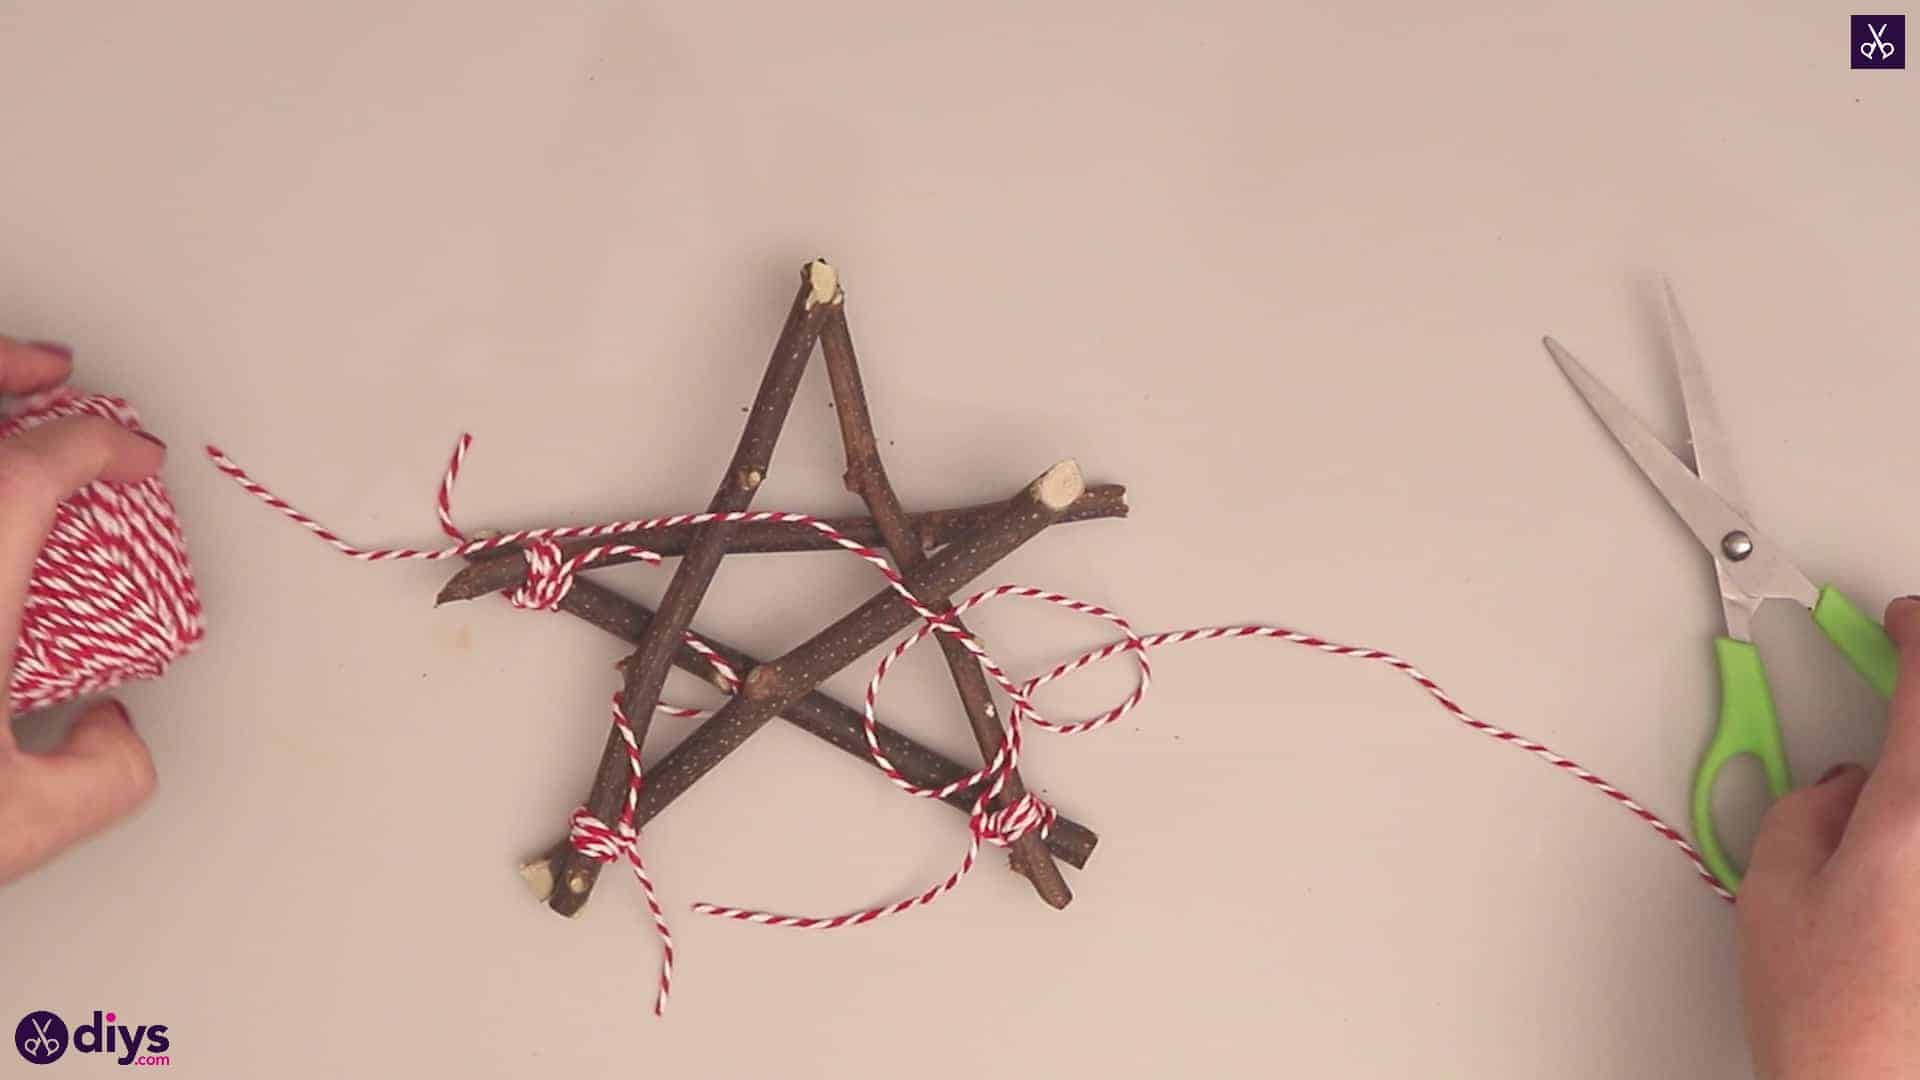 Diy twig star craft step 6